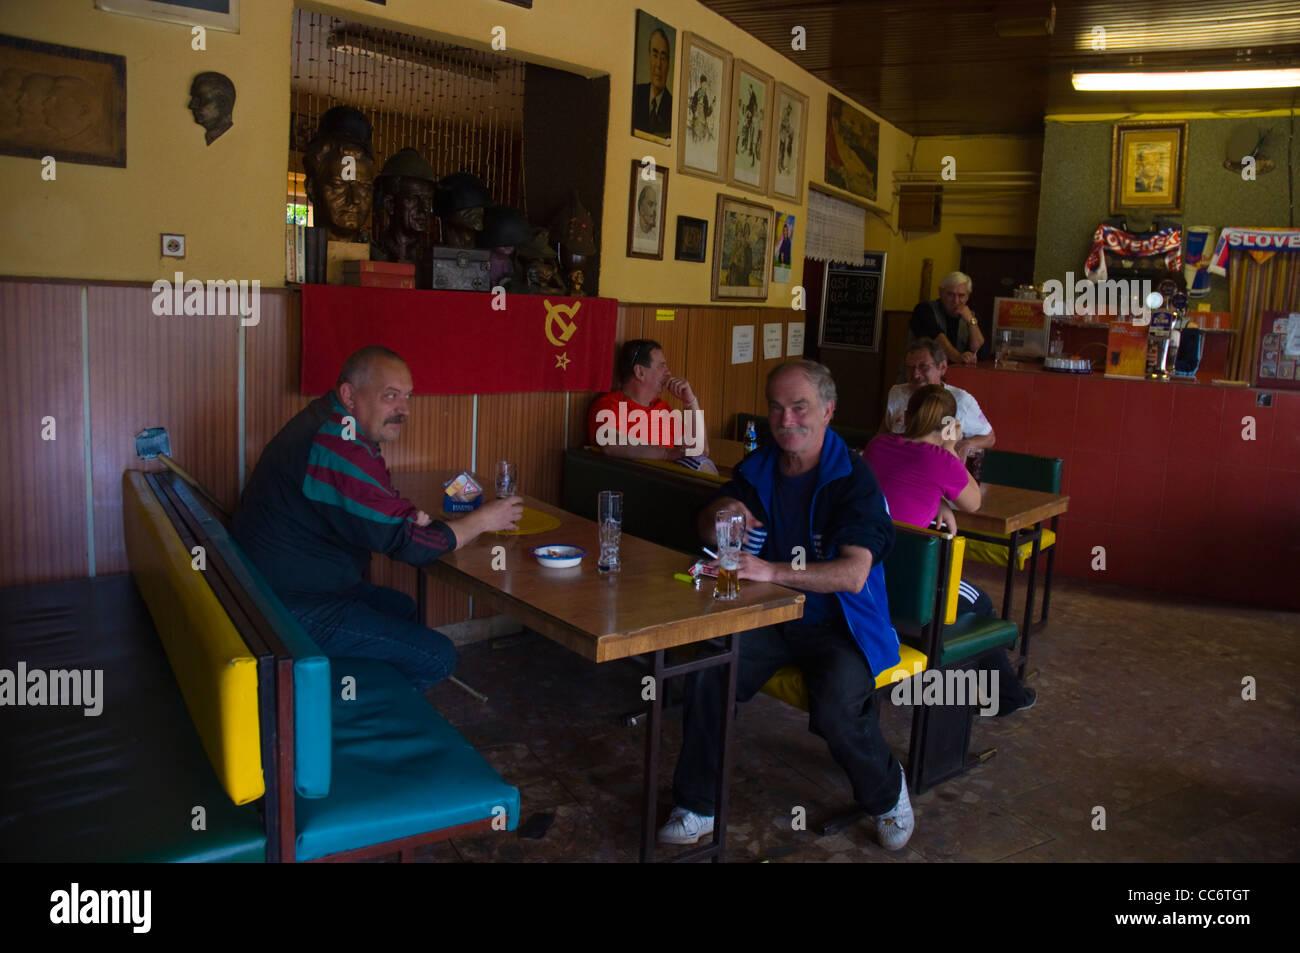 Les habitants de bar à thème communiste le long de la rue Sasinkova Žilina Slovaquie Europe centrale Photo Stock